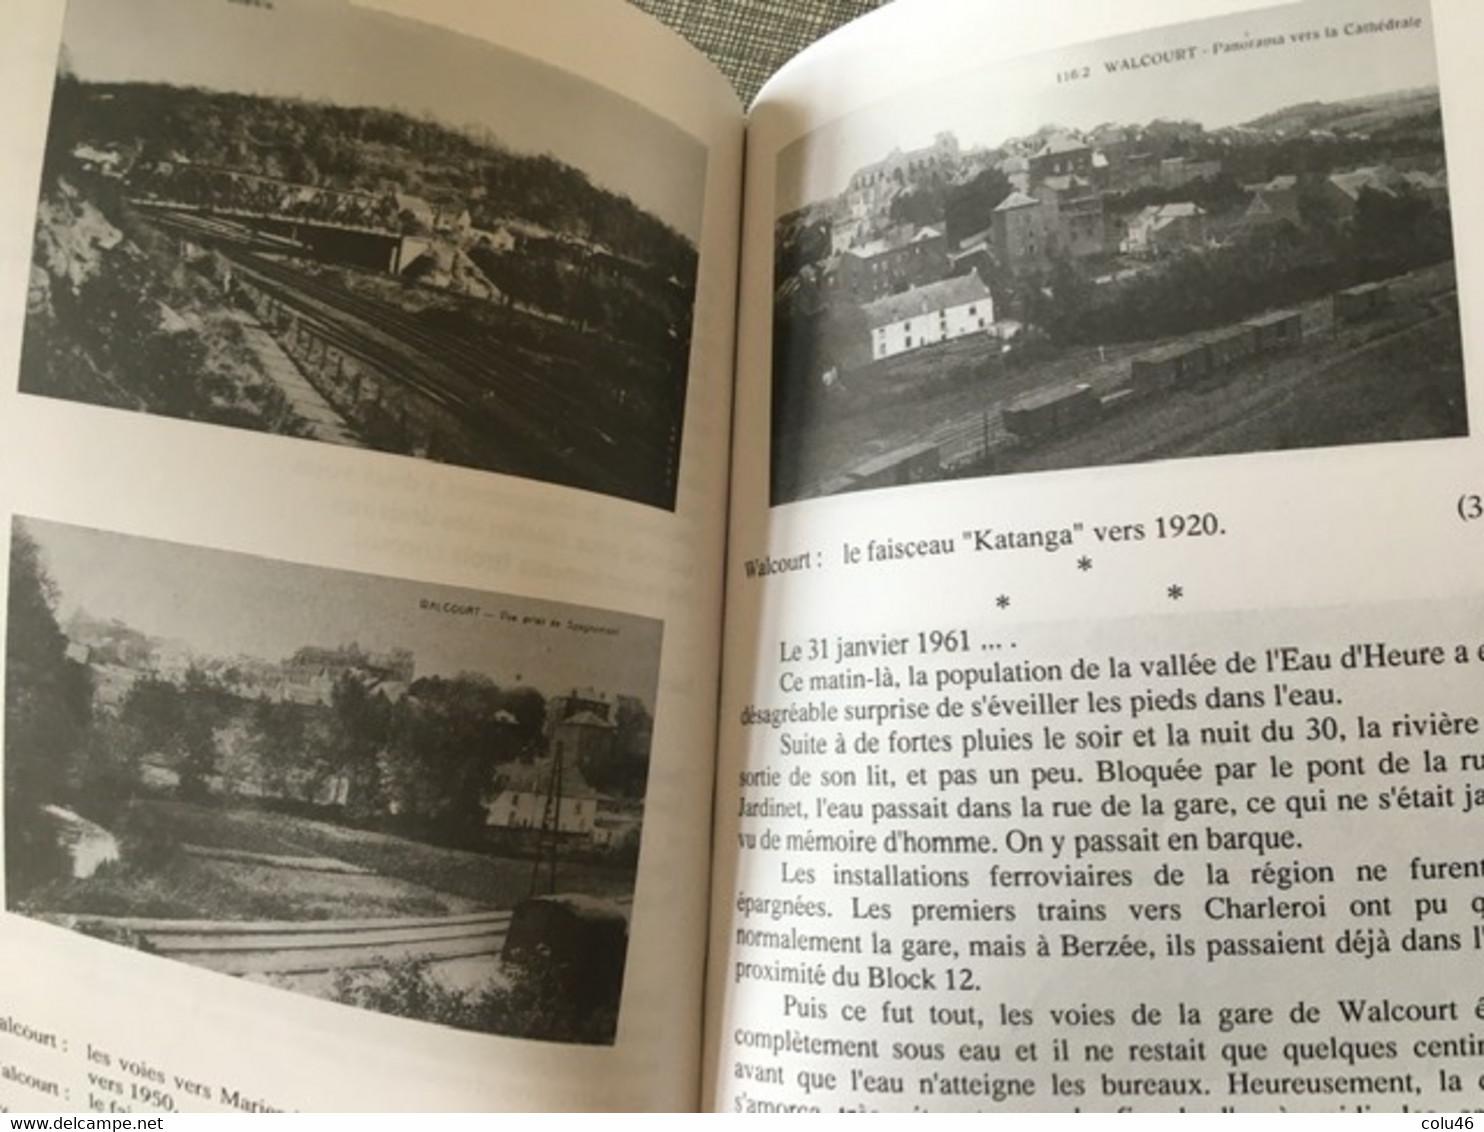 Walcourt Une Entité Au Fil Des Gares Histoire Du Chemin De Fer Entre Sambre Et Meuse Laneffe Pry Fraire Froimont Fairoul - Treinen